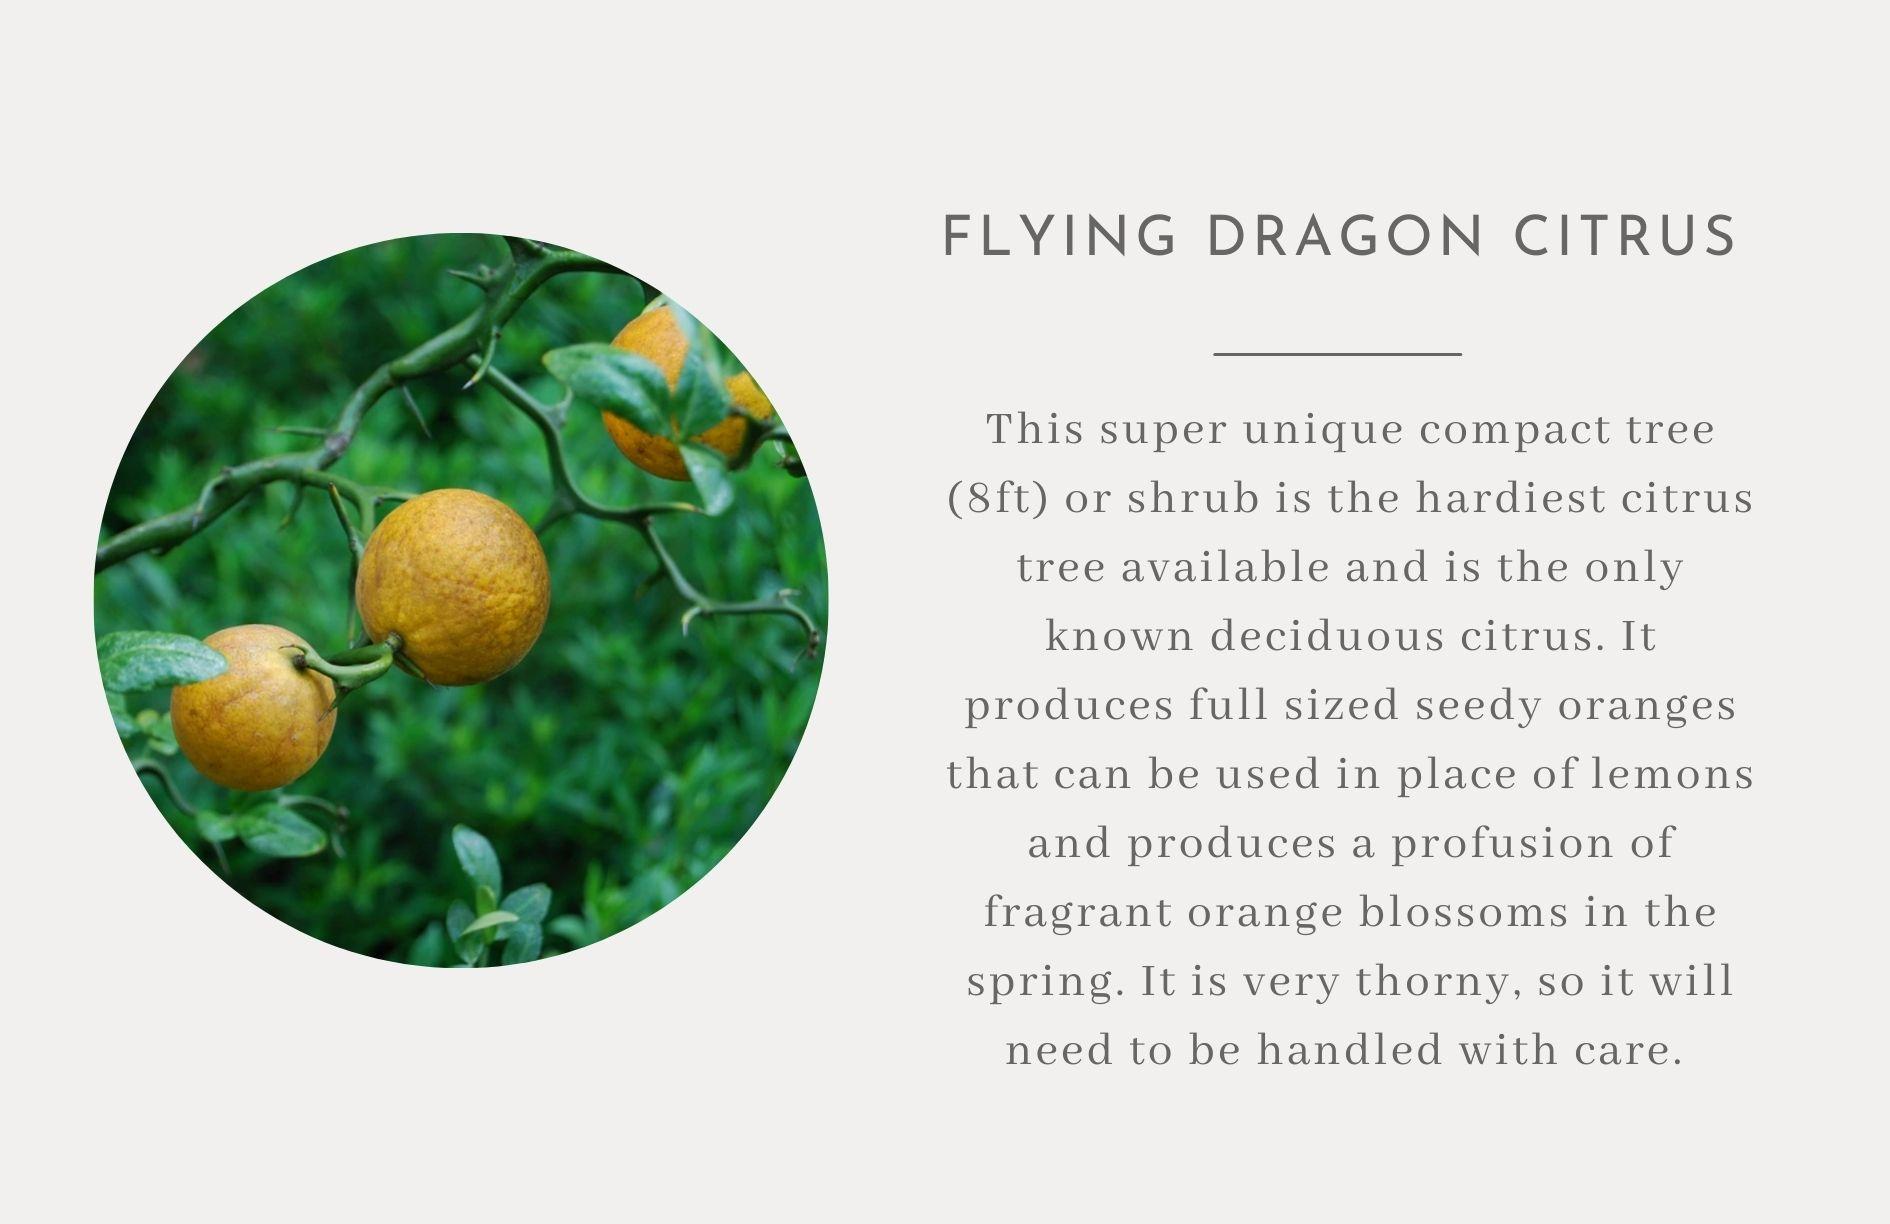 Flying dragon citrus bush - IHOD